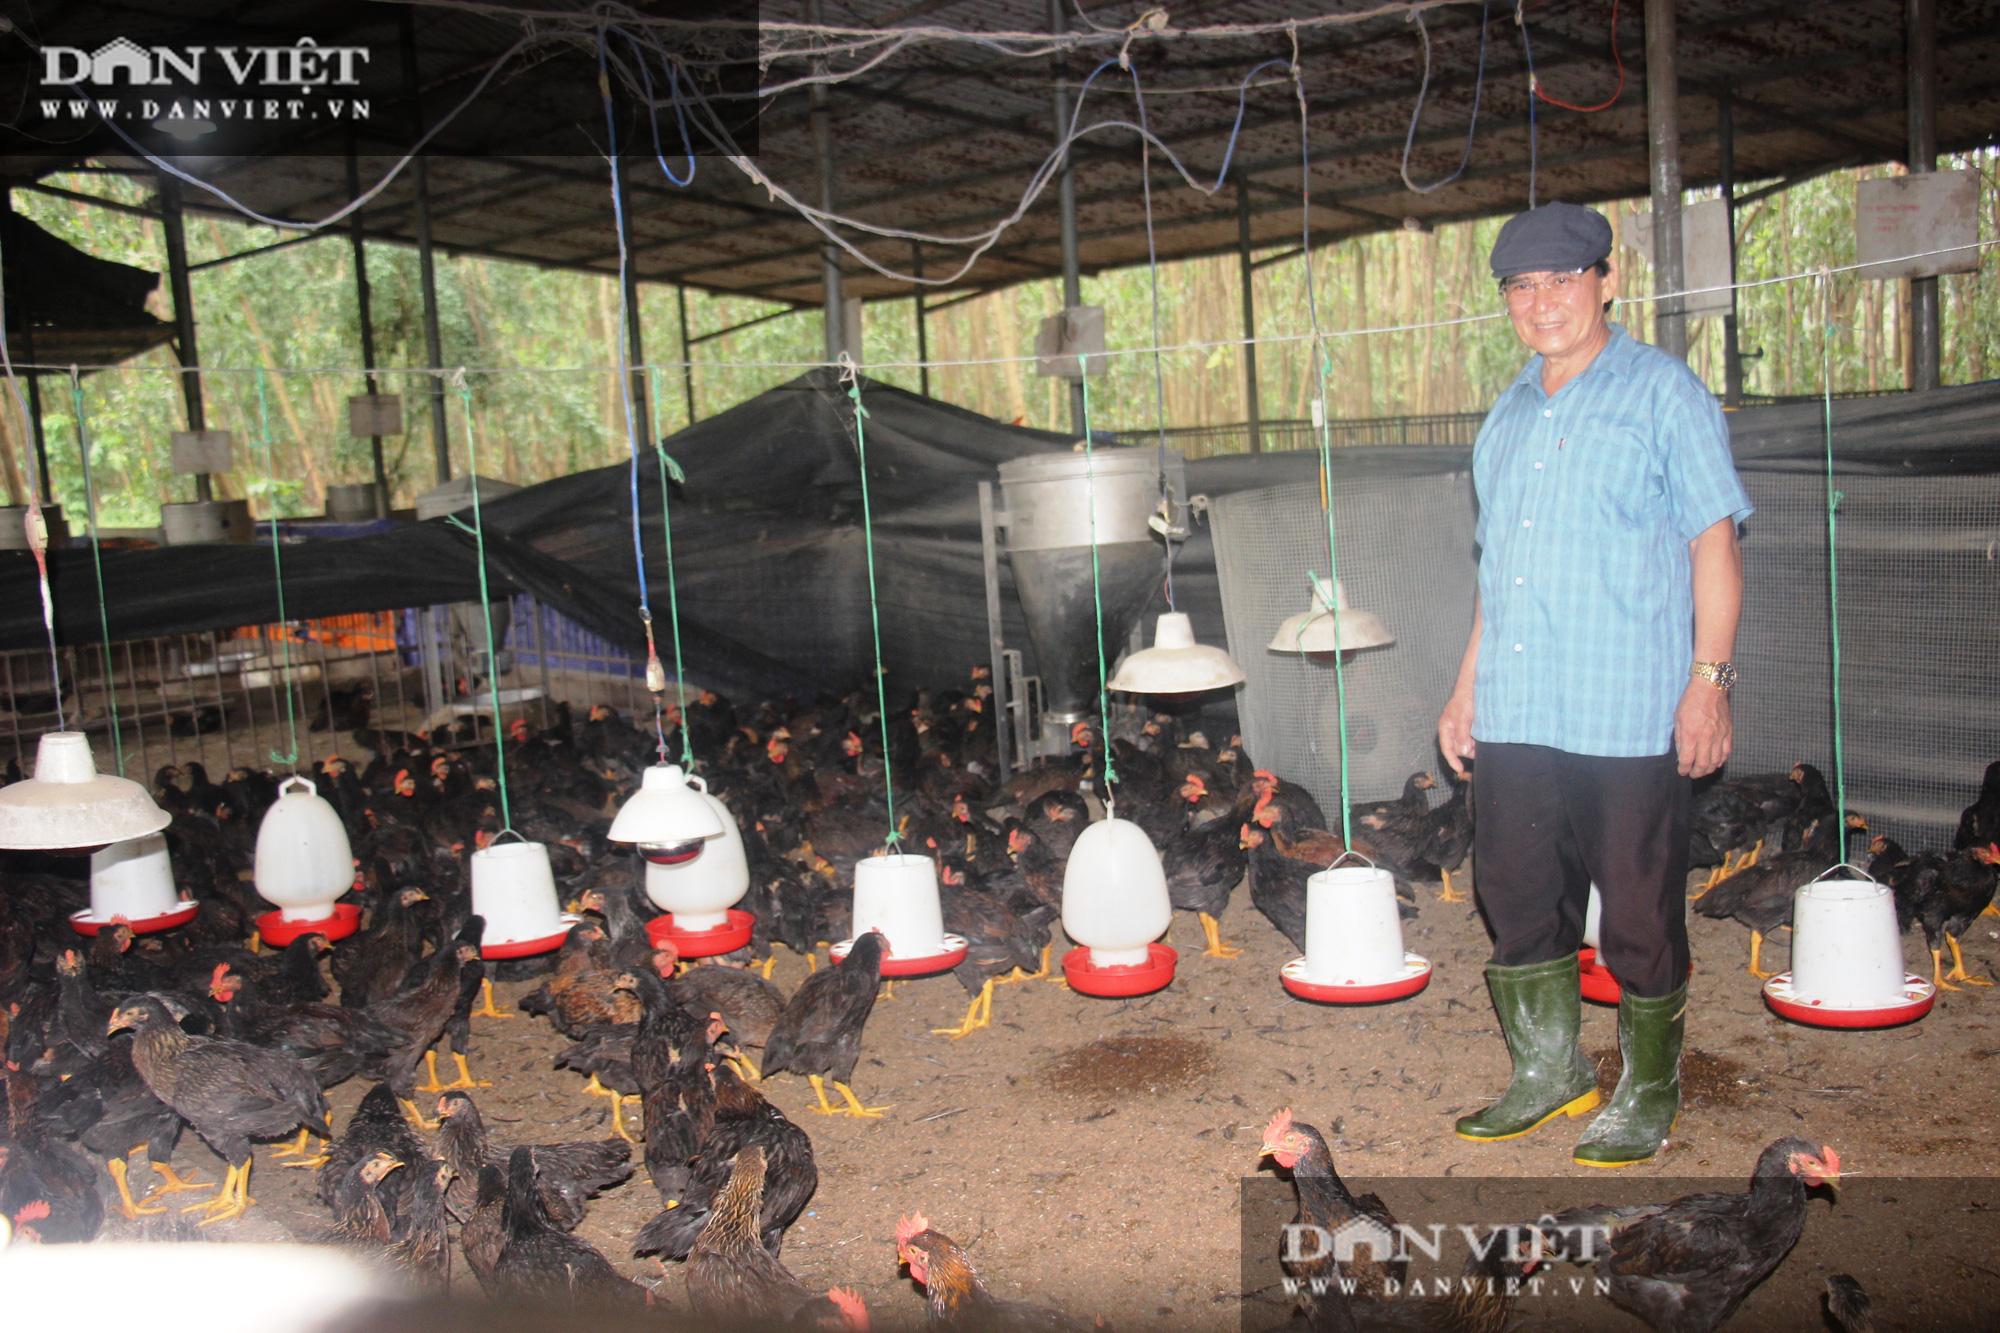 Giá gà đang tăng nhẹ, người nuôi ở Bình Định chờ giá bứt phá vào cận Tết Nguyên đán Tân Sửu 2021 - Ảnh 2.